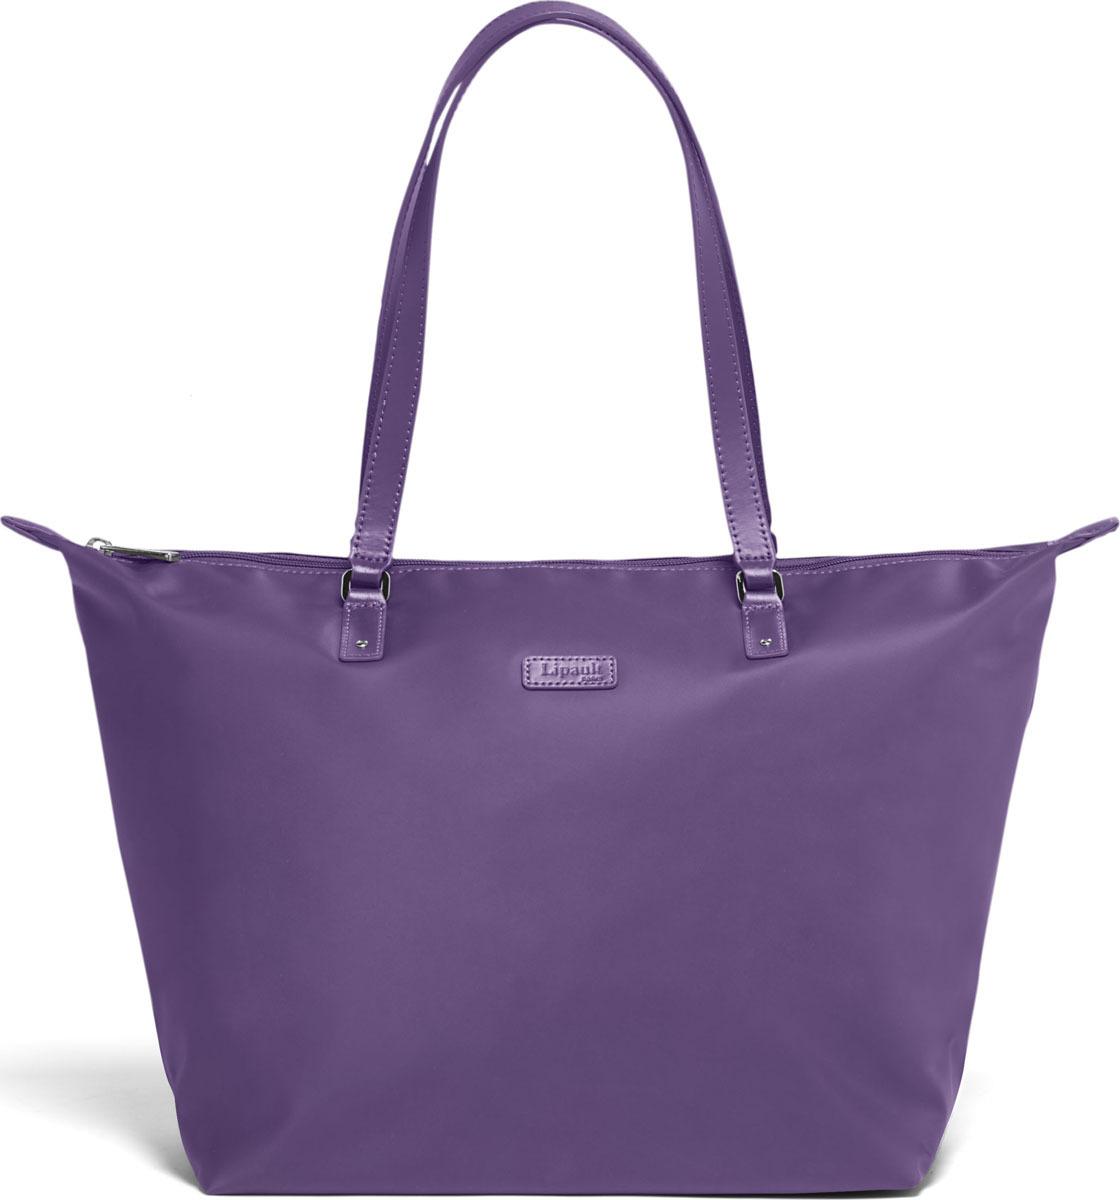 Сумка дорожная женская Lipault, P51*A0112, фиолетовый, 17 л цена и фото